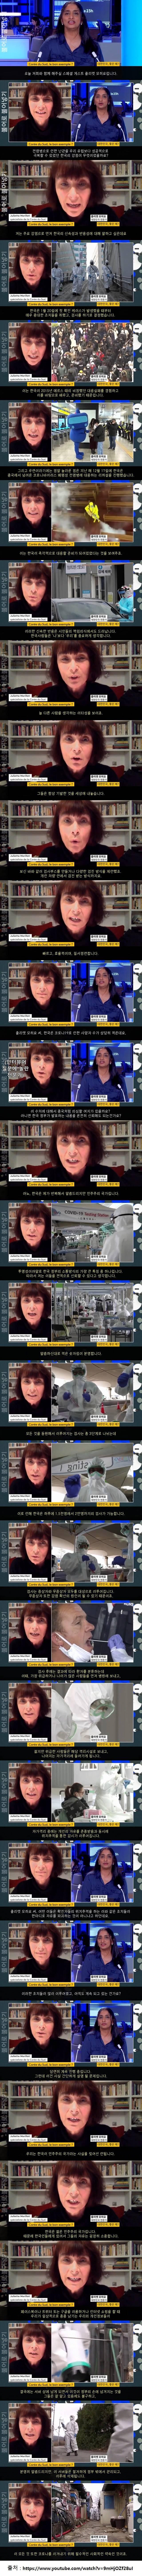 프랑스 방송과 인터뷰하는 프랑스인 한국 전문가